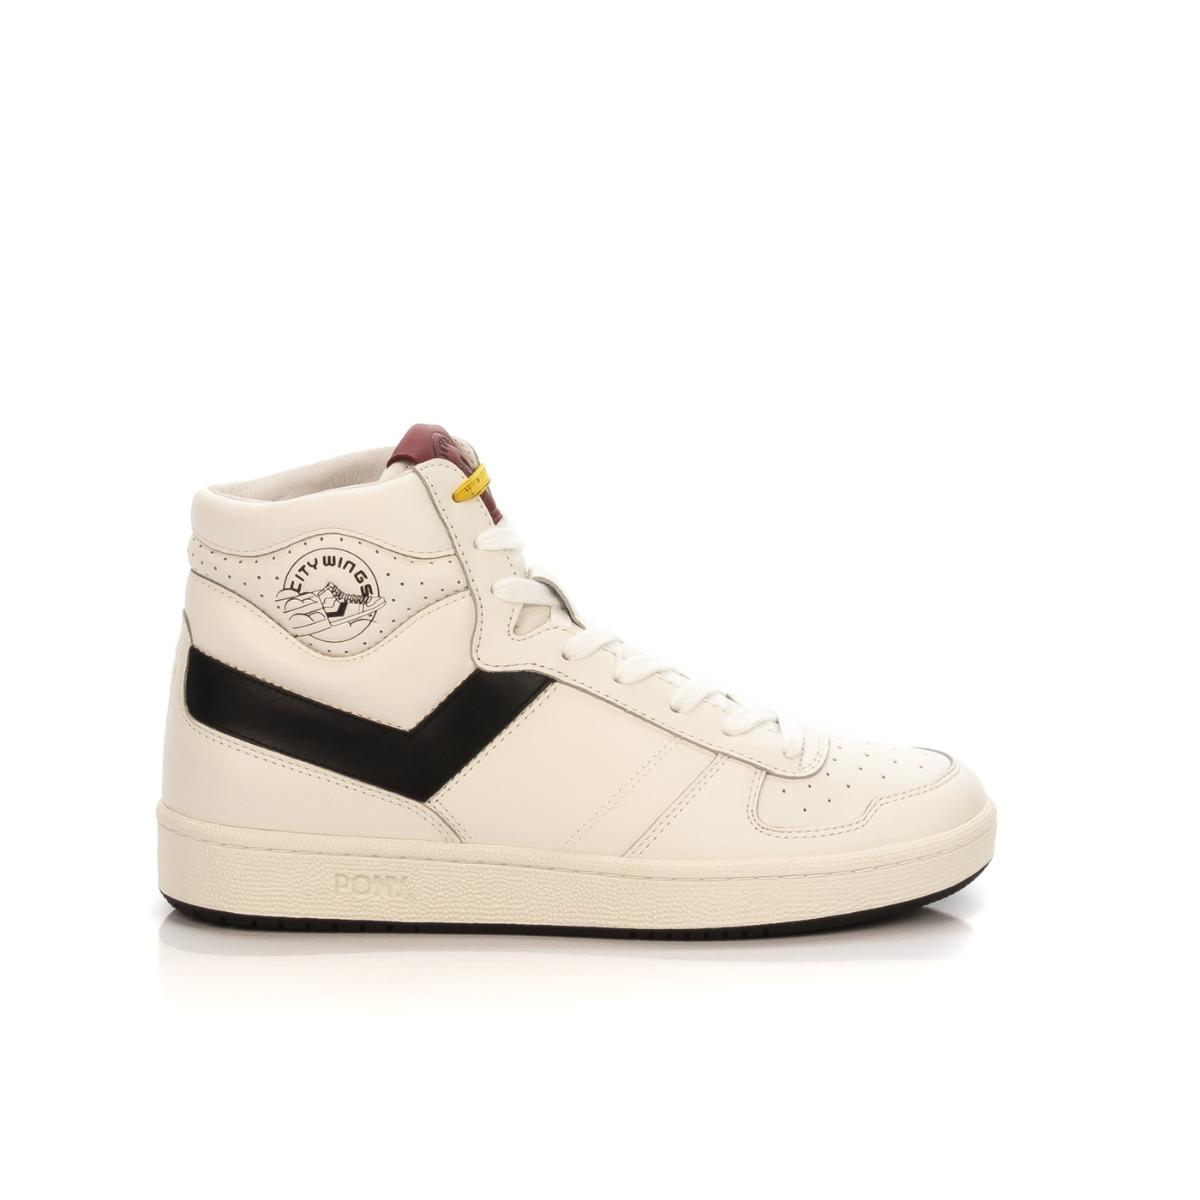 SHOE CENTER UOMO|scarpe uomo|migliori marchi on line